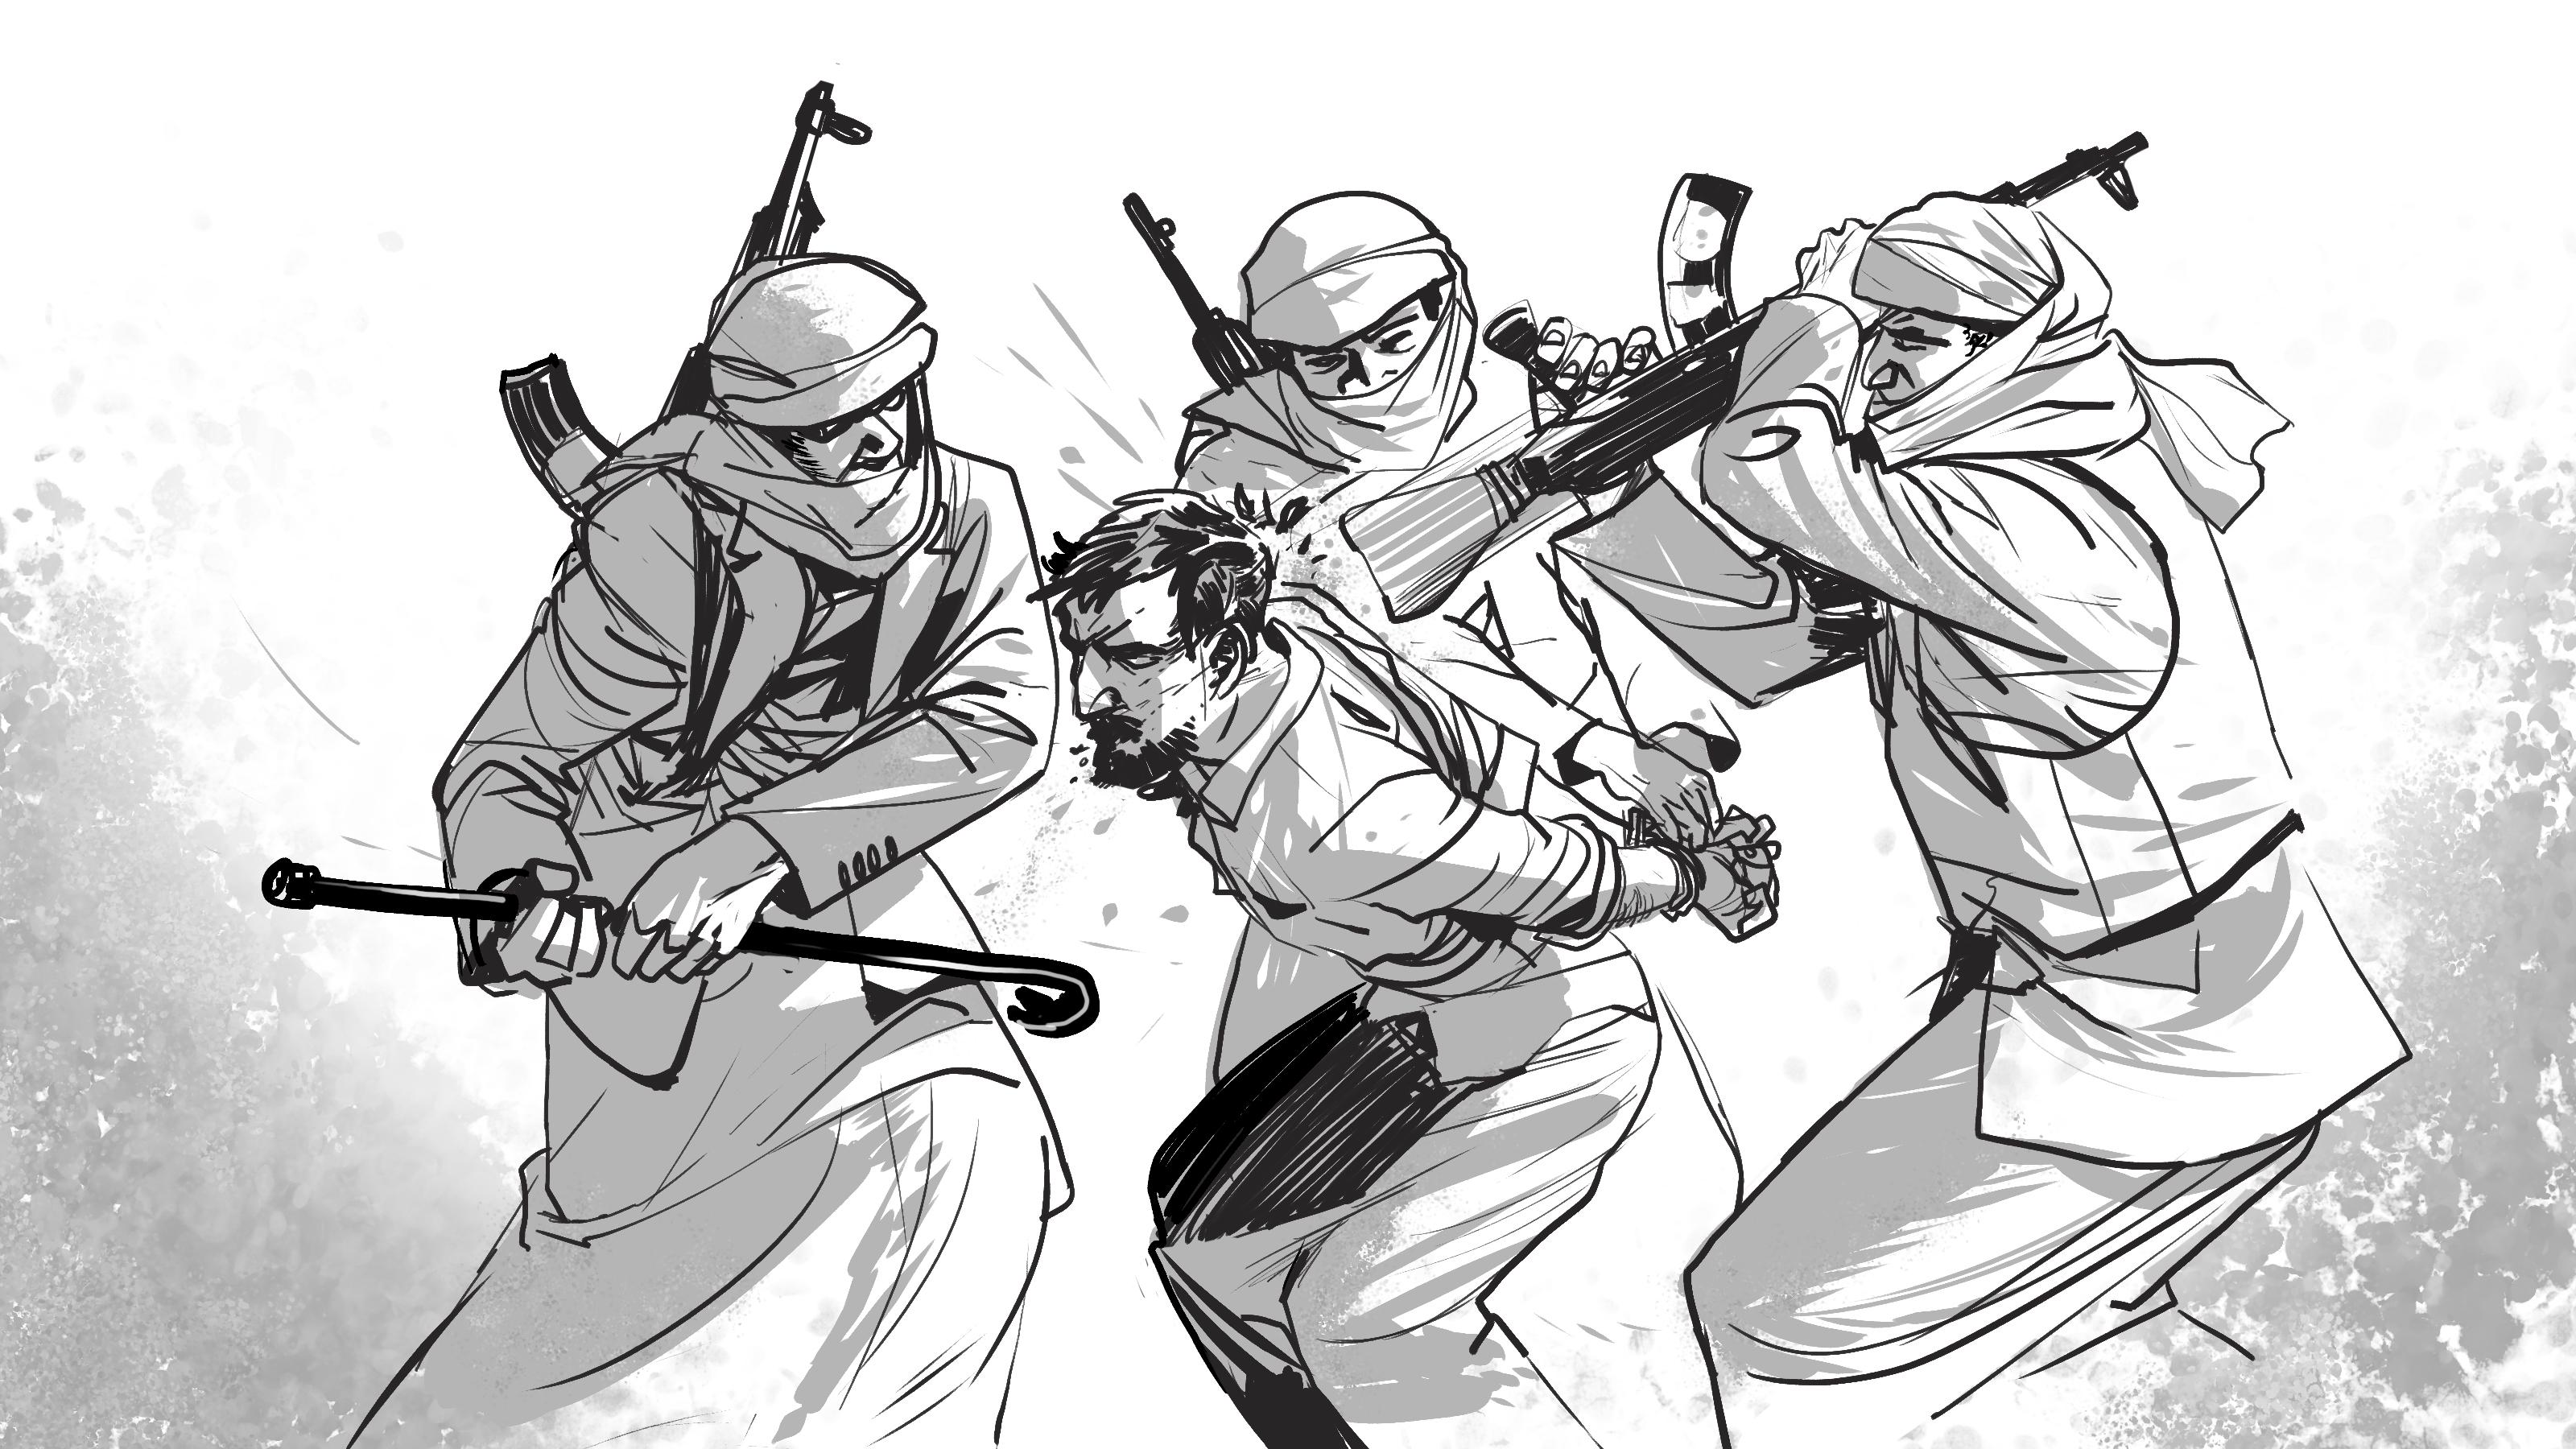 صورة تخيليه لما يحدث داخل المعتقلات في اليمن